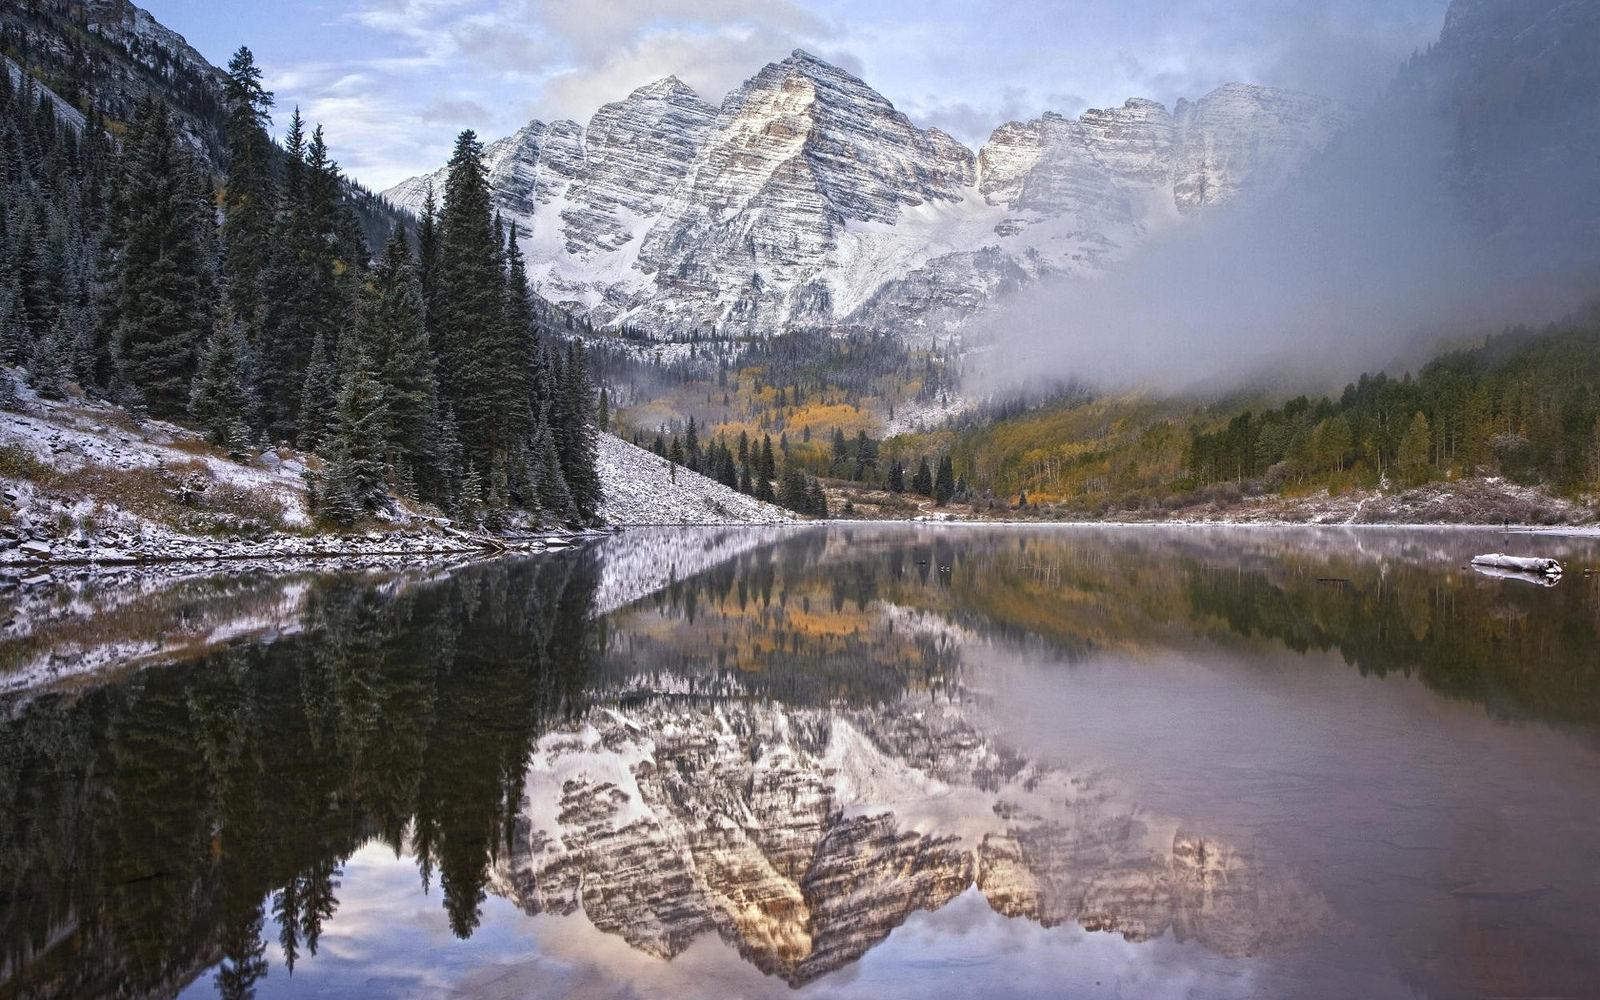 10 Best Landscape Photography Tips Techniques Settings